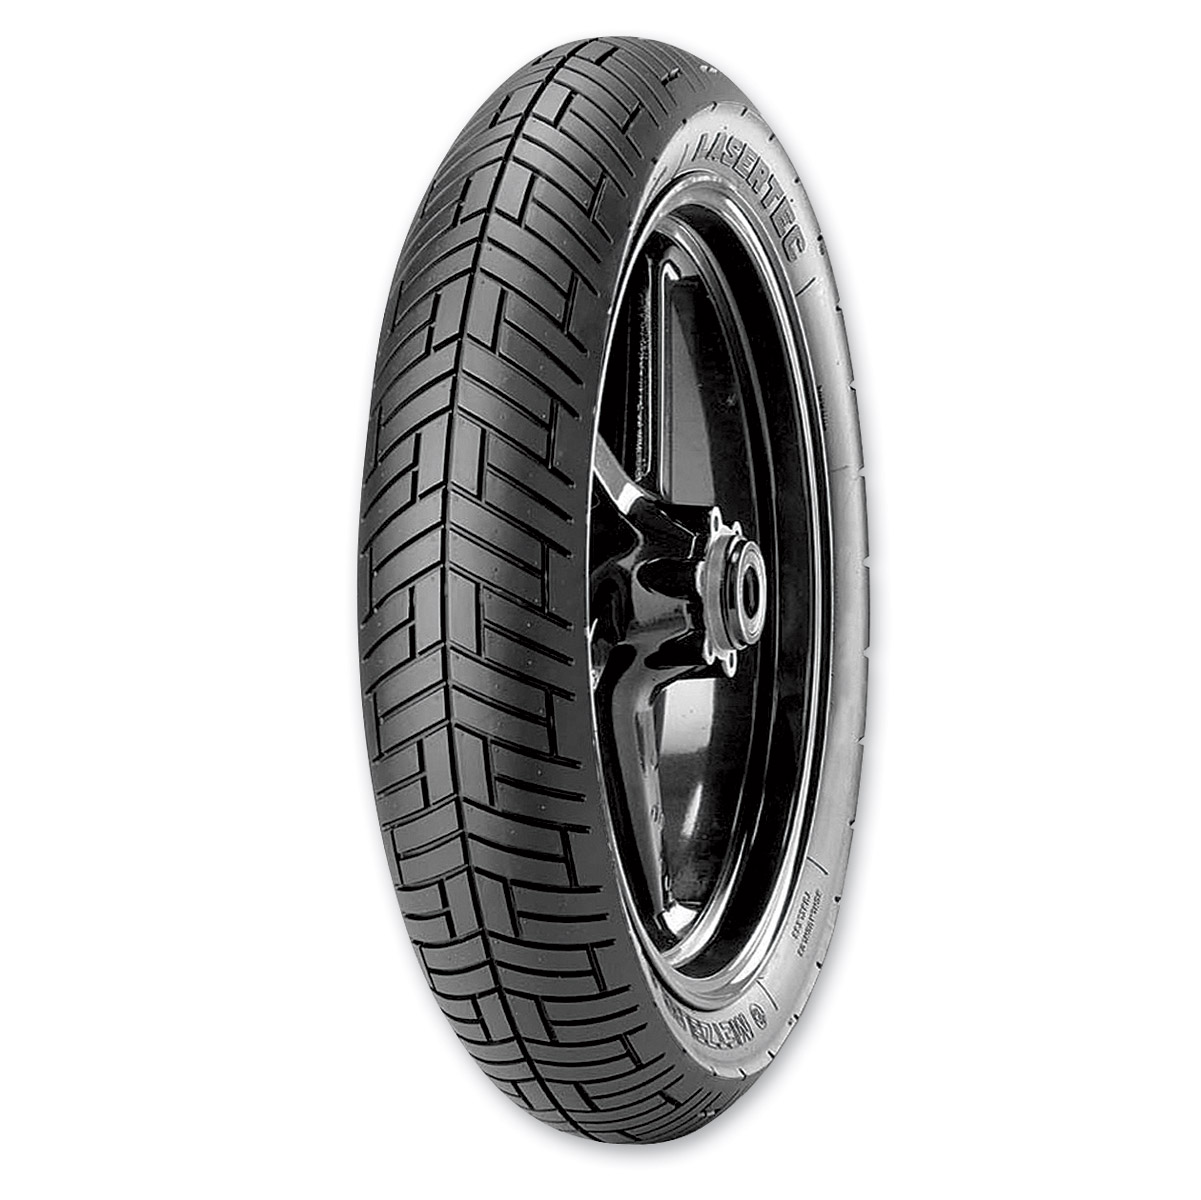 Metzeler Lasertec 110/80-18 Front Tire